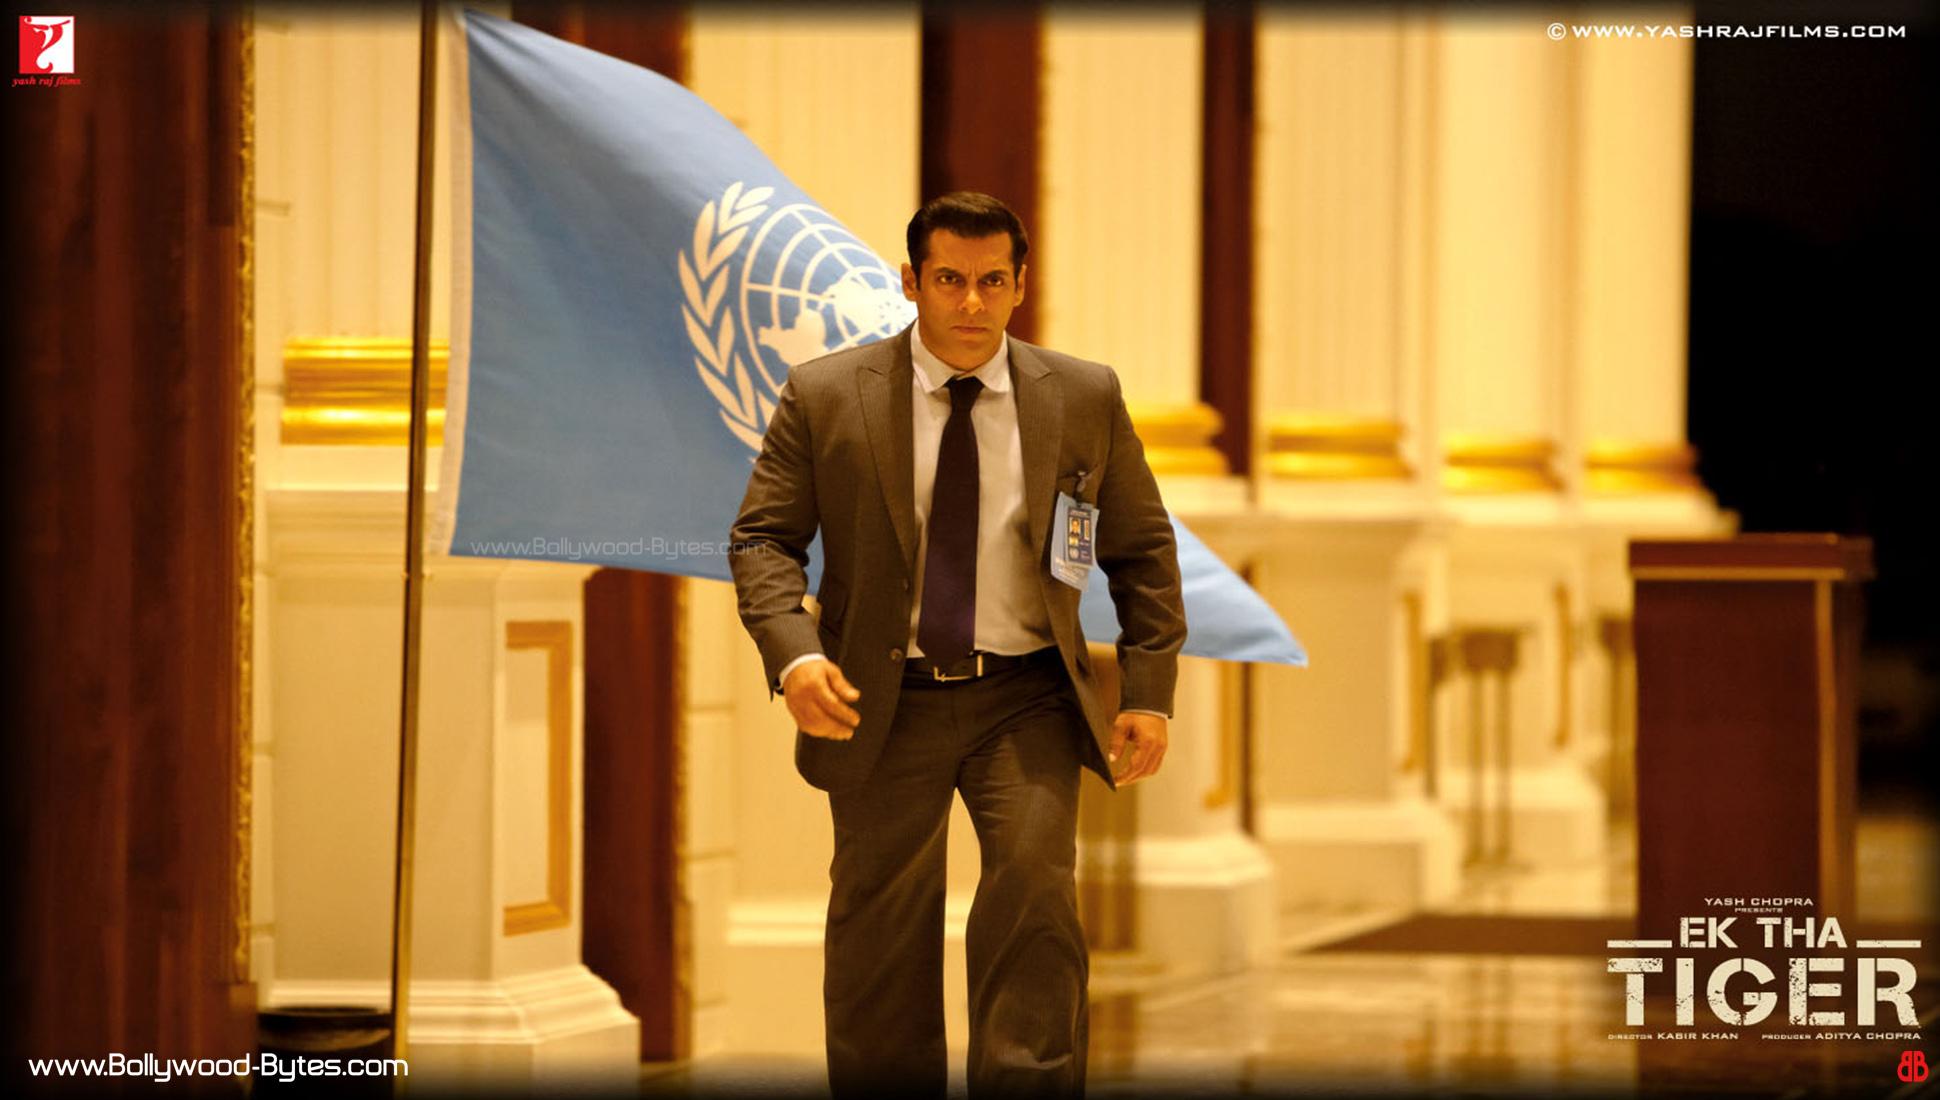 http://2.bp.blogspot.com/-BKuOjhOMkCc/UAriNPMBcQI/AAAAAAAAL-k/ChVulwOqsMY/s1940/Ek-Tha-Tiger-Salman-Khan-HD-Wallpaper-17.jpg